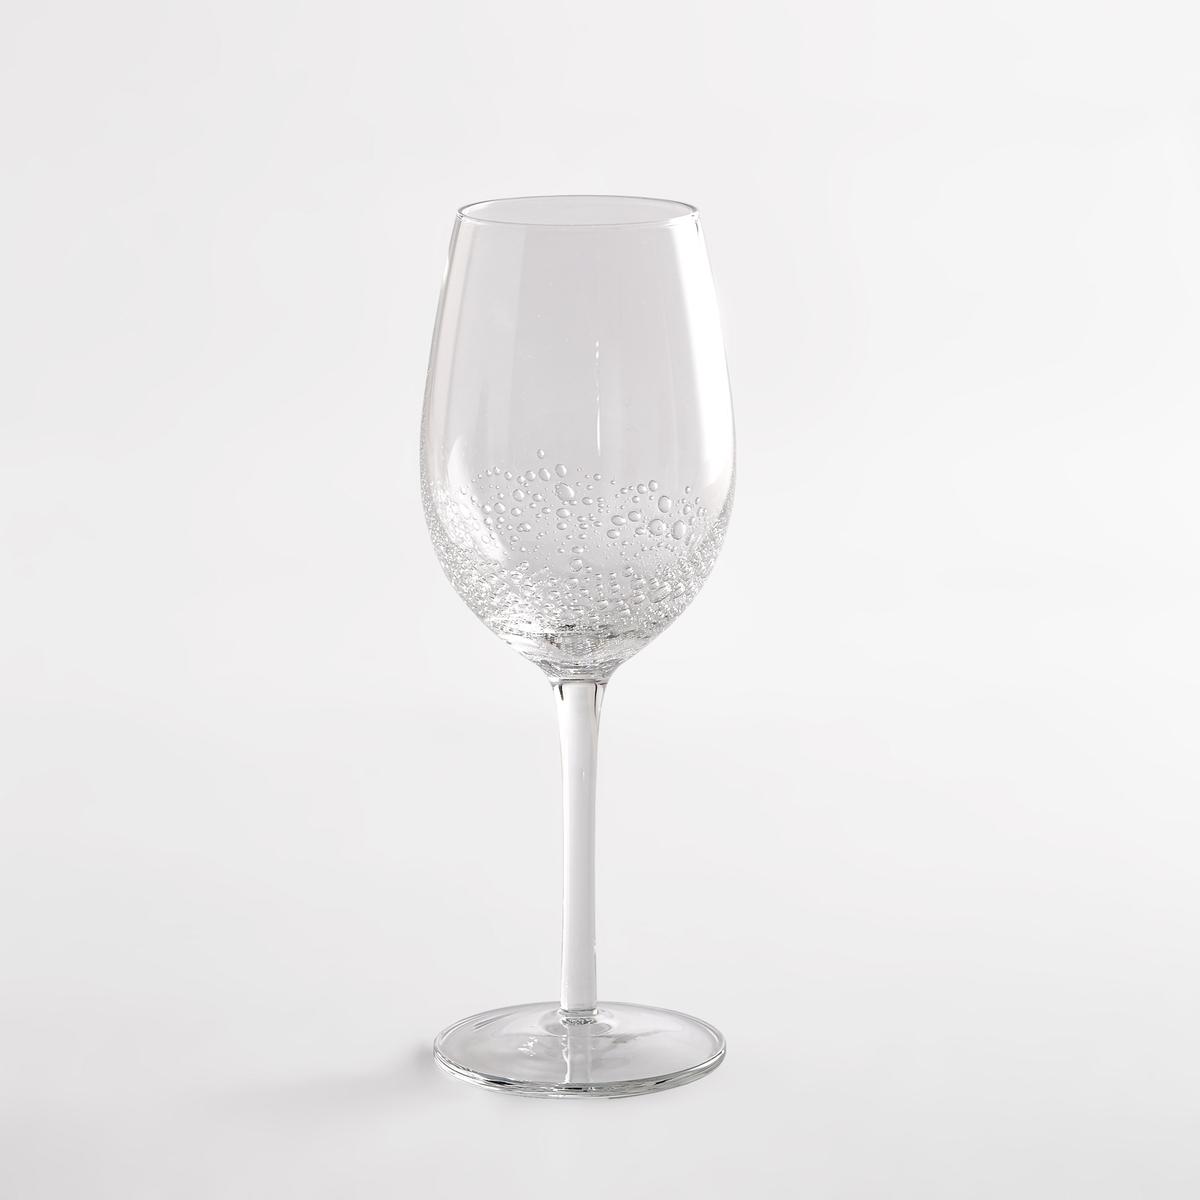 Комплект из 4 бокалов под вино с пузырьками на дне, GALIOОписание:4 бокала под вино с оригинальной иллюзорной инкрустацией стеклянных шариков в дно .Описание стаканов GALIO : •  Комплект из 4 бокалов под вино с пузырьками на днеРазмеры стаканов GALIO : •  Размер : 6 x 7 см  •  Высота 21 смУход : •  Подходят для мытья в посудомоечной машине<br><br>Цвет: прозрачный<br>Размер: единый размер